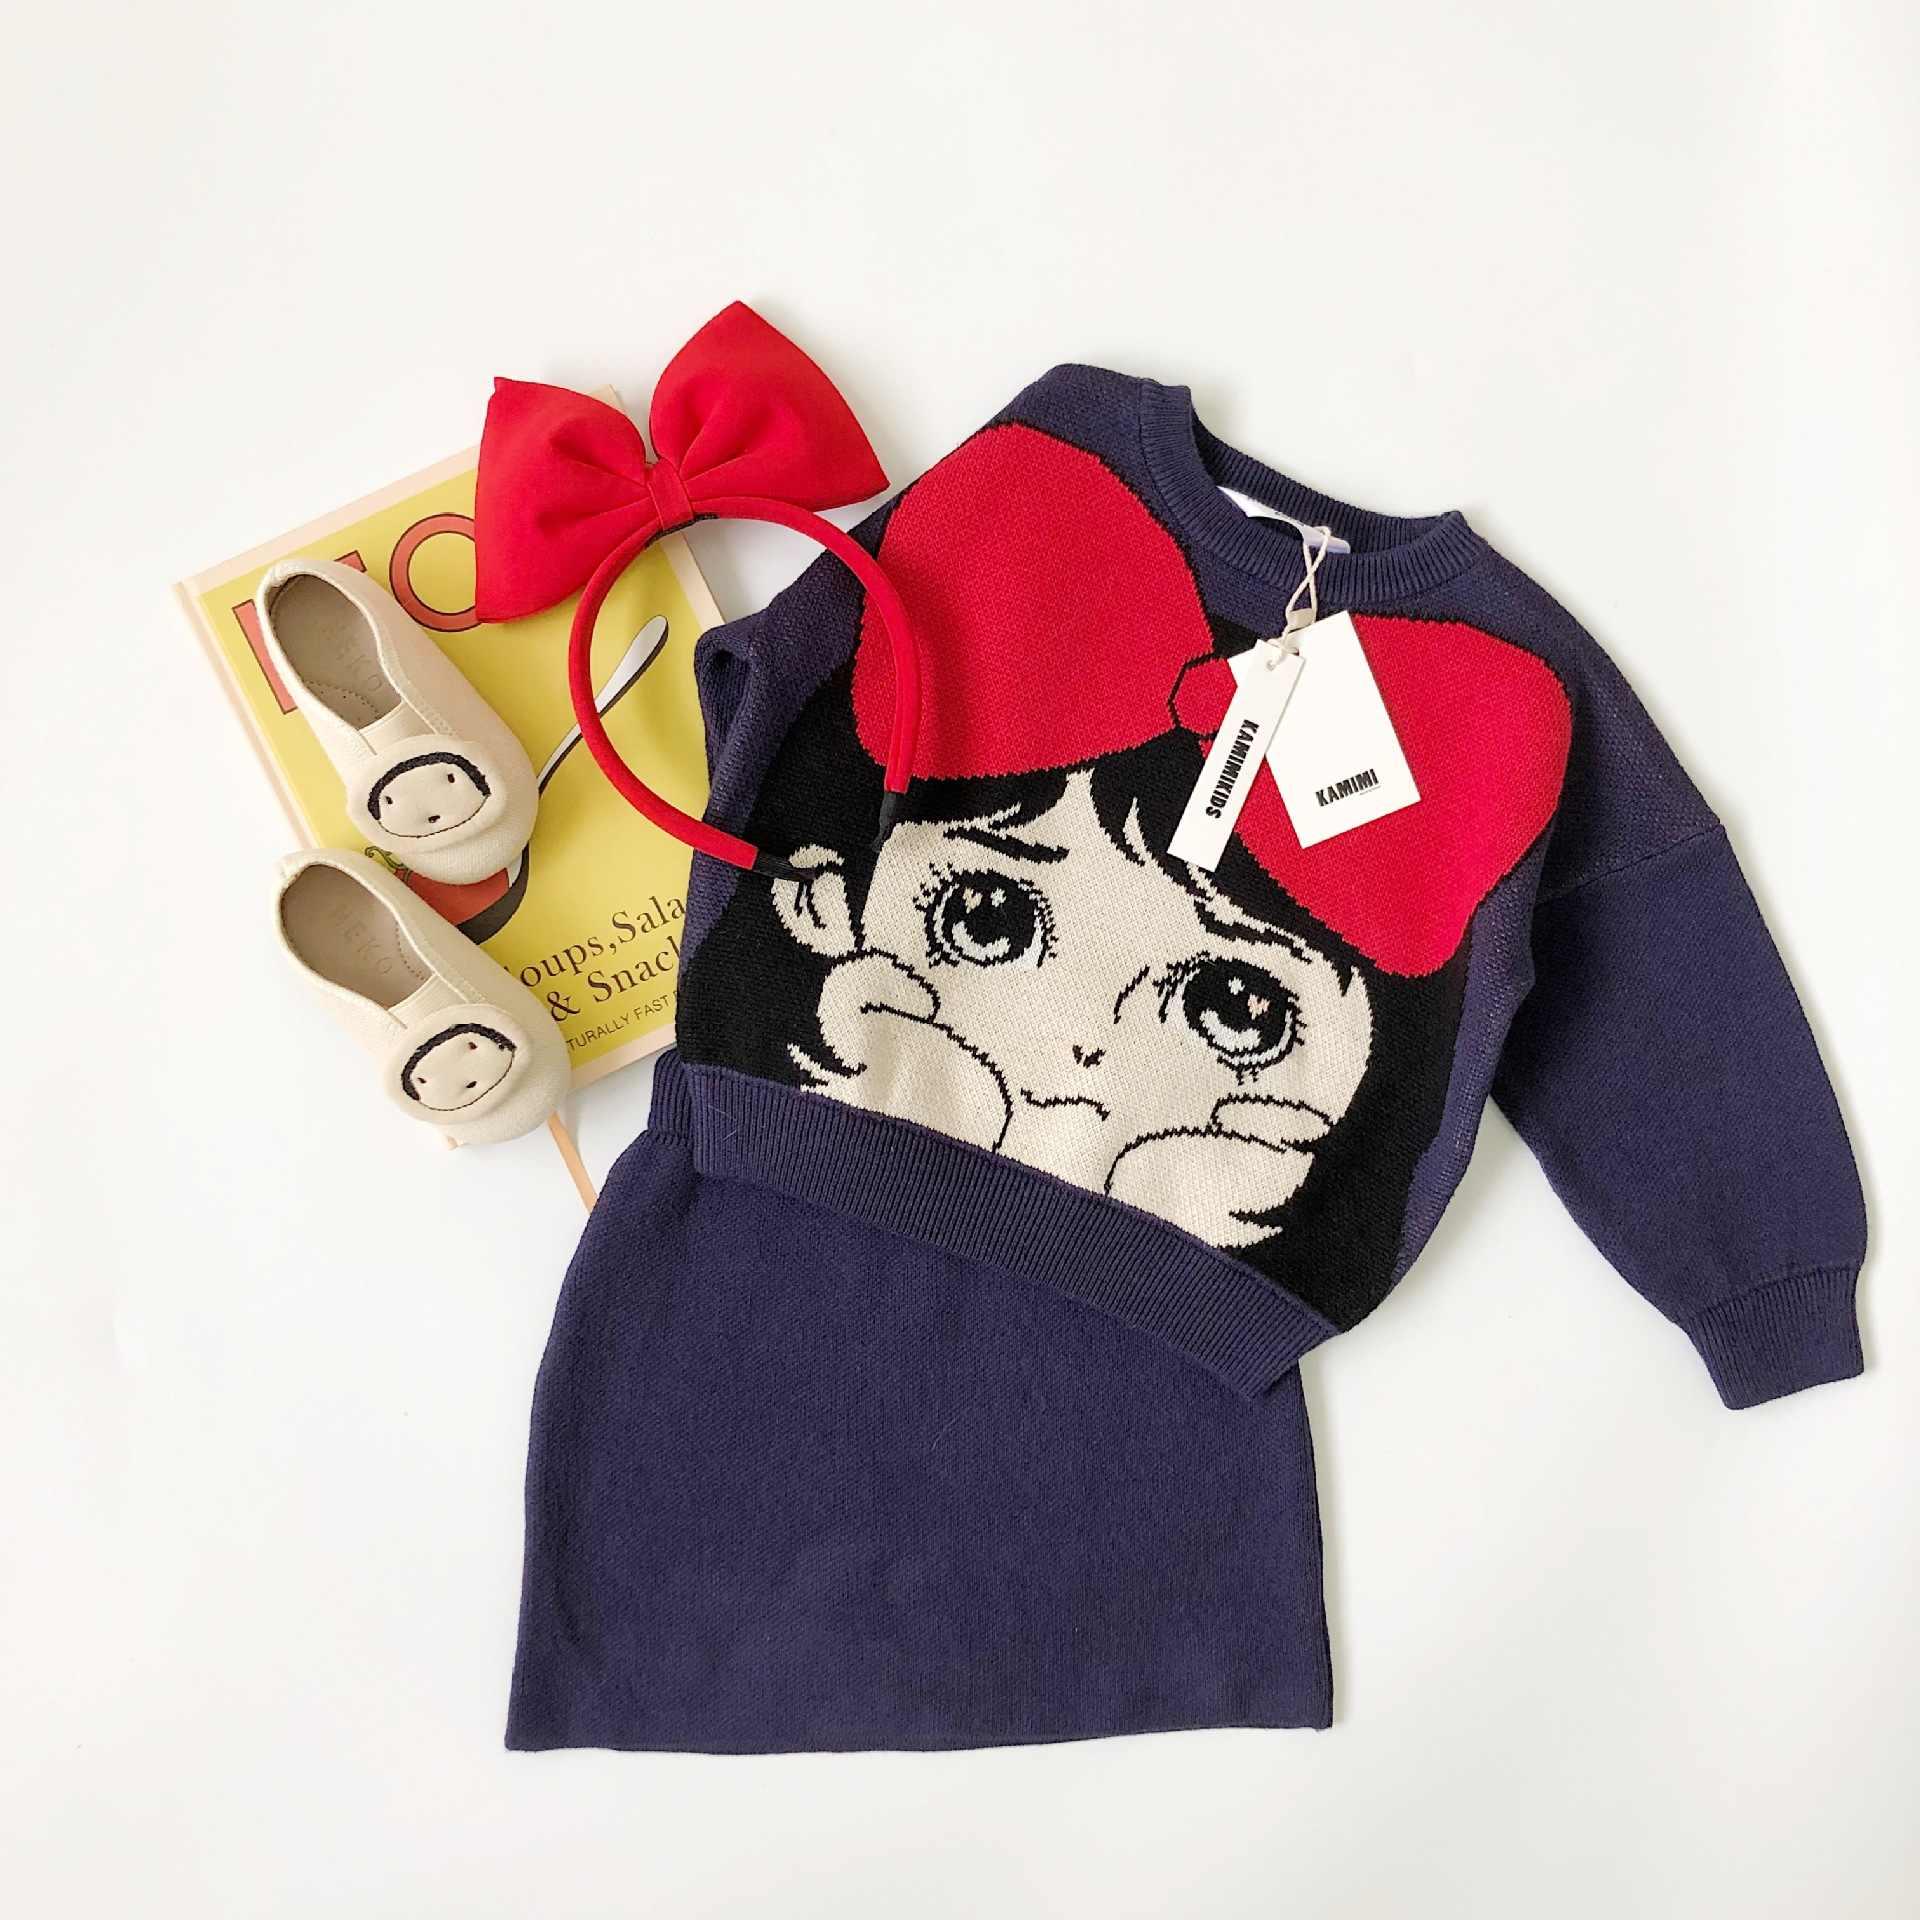 Tonytaobaby automne et hiver vêtements nouveaux enfants dessin animé mignon enfants pull tricoté filles deux costumes Boutique enfants vêtements